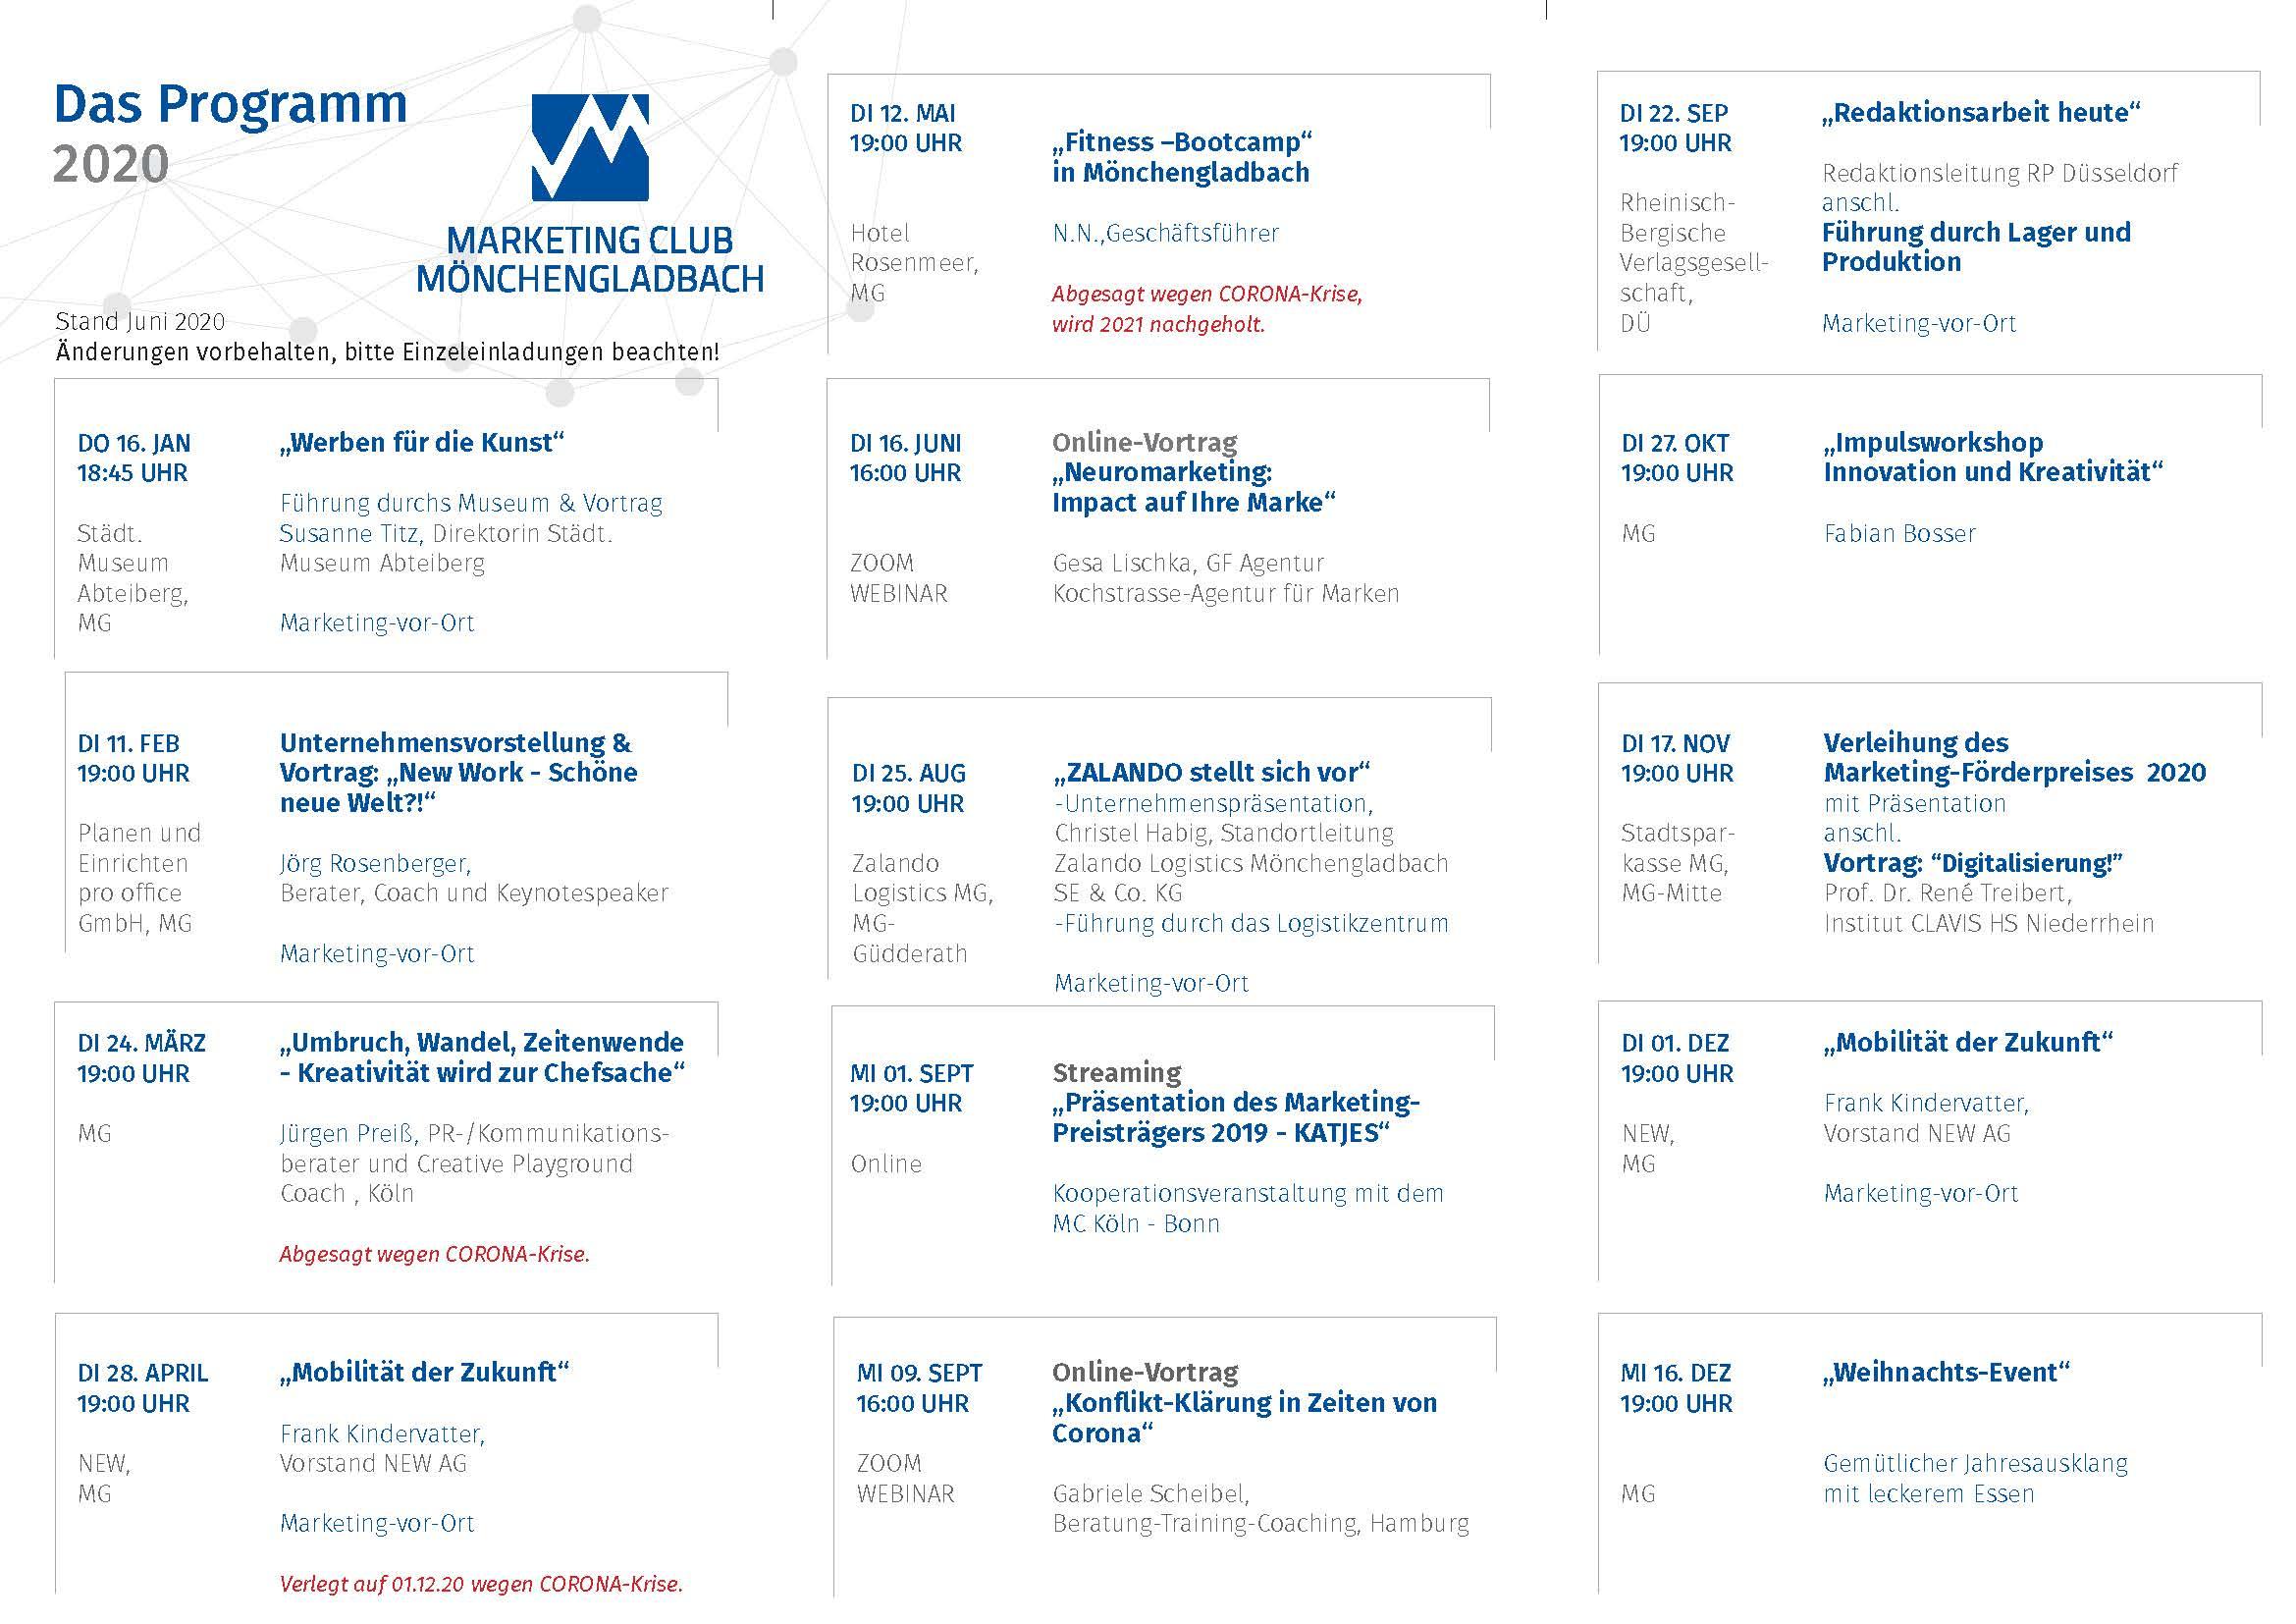 Programmübersicht 2020 des Marketing Club Mönchengladbach